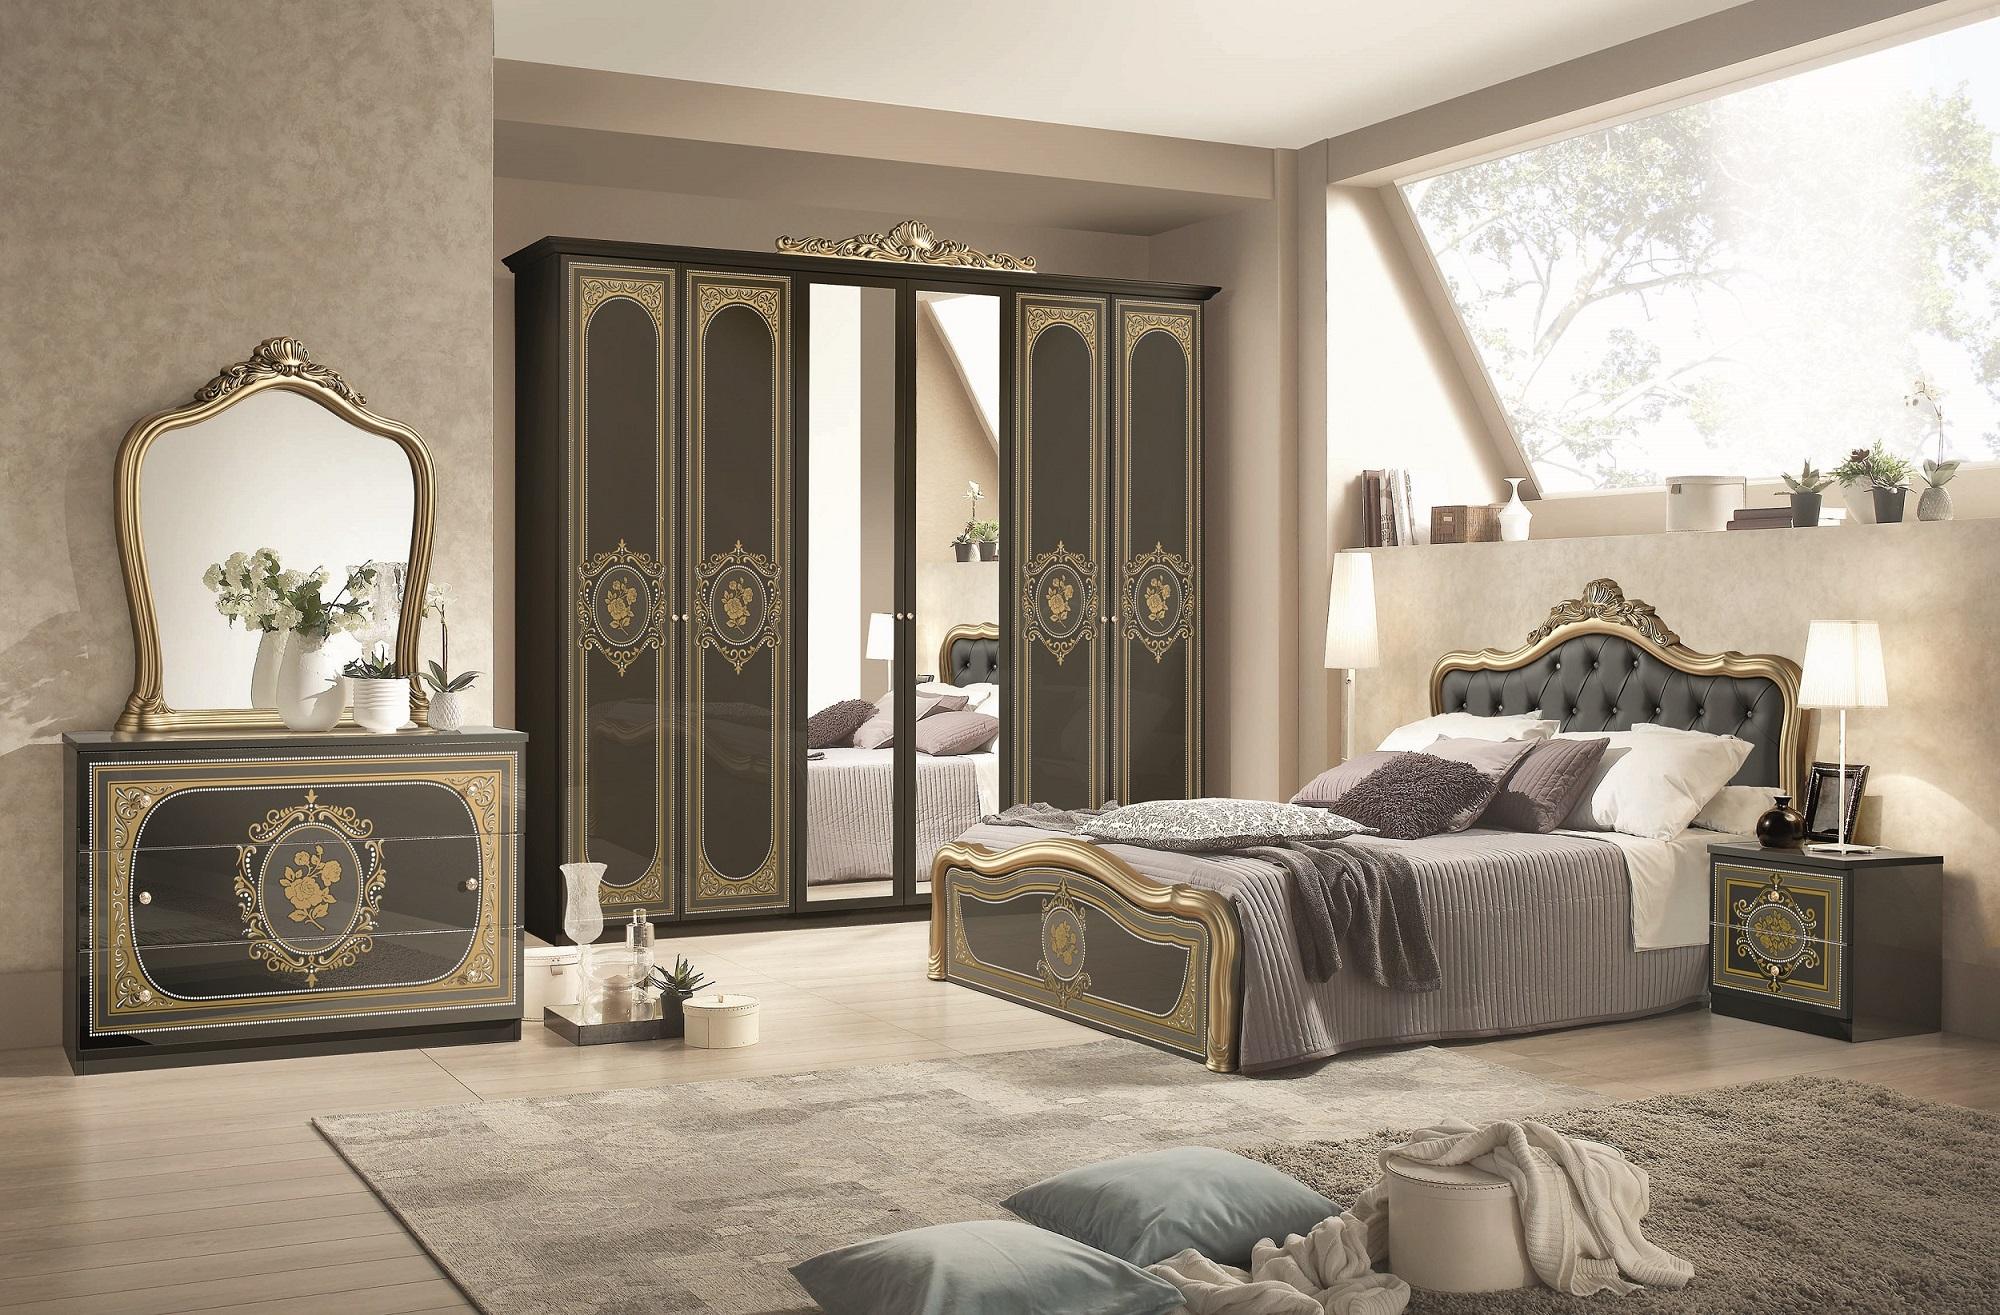 Kommode Schlafzimmer Ahorn Estella Bettwäsche Jersey Leuchten Für